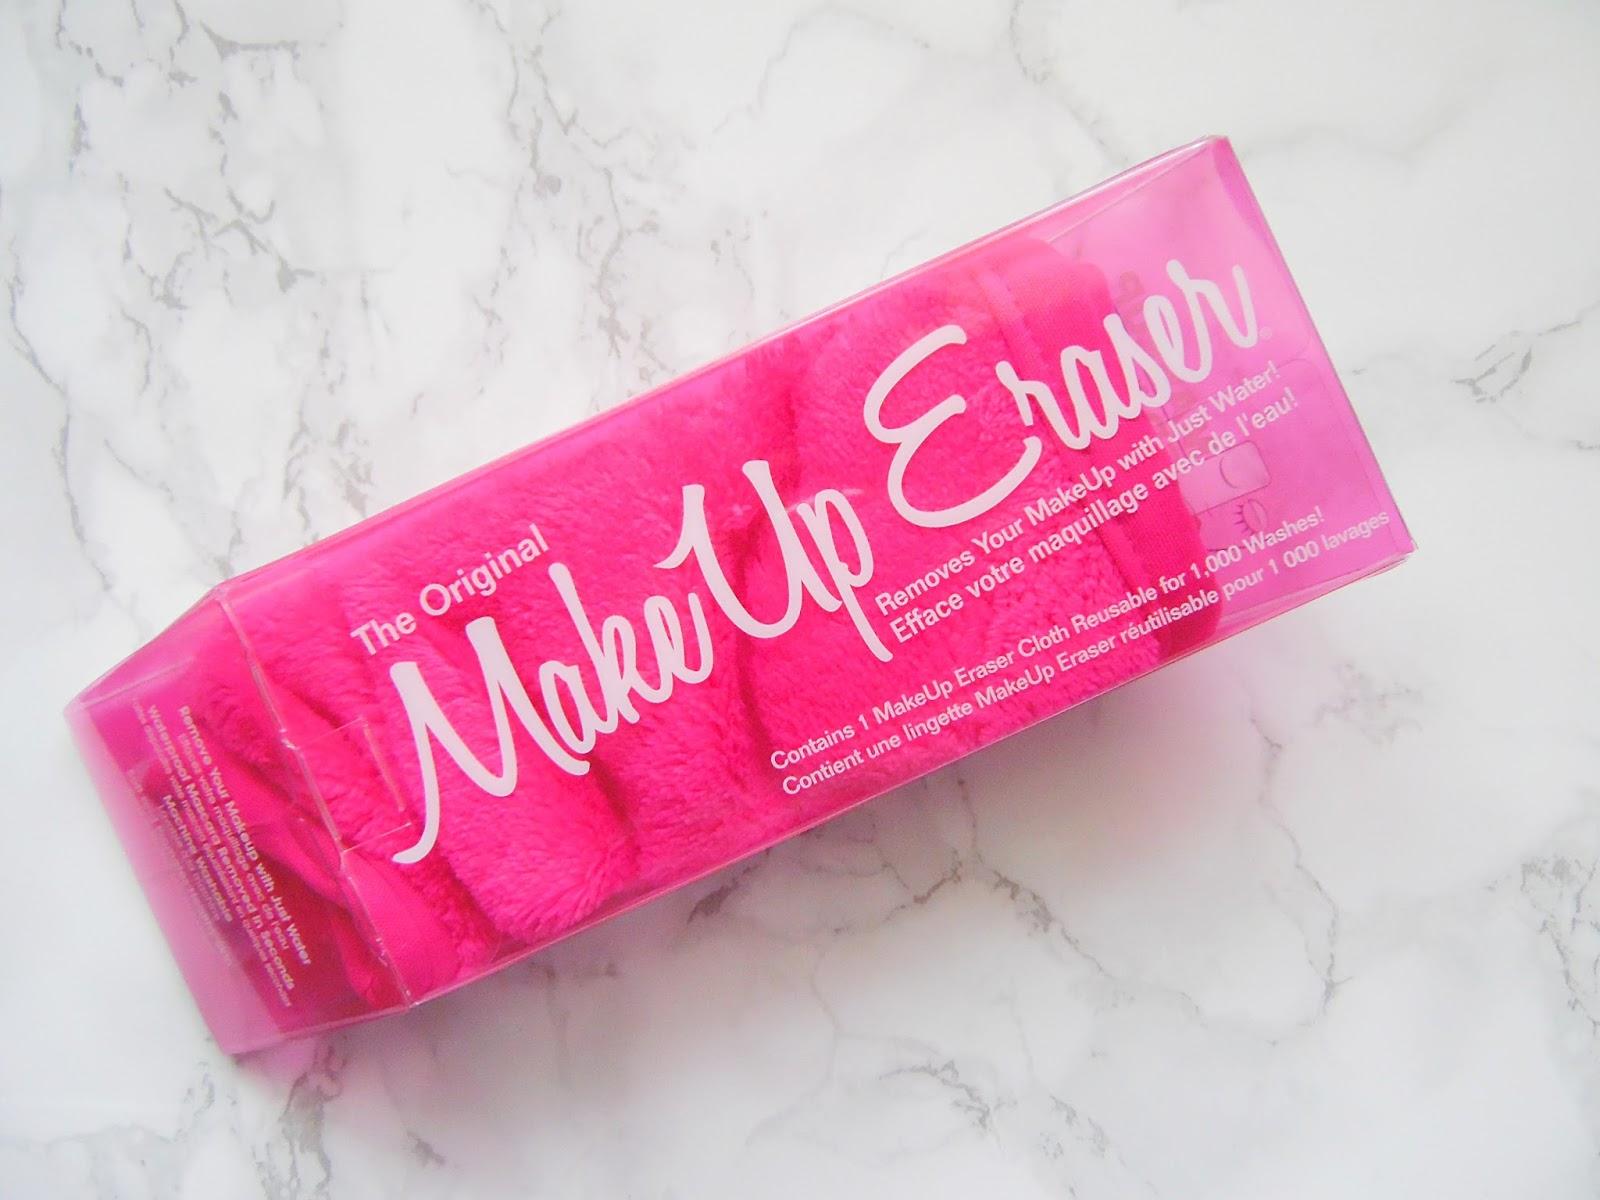 Makeup Eraser Review